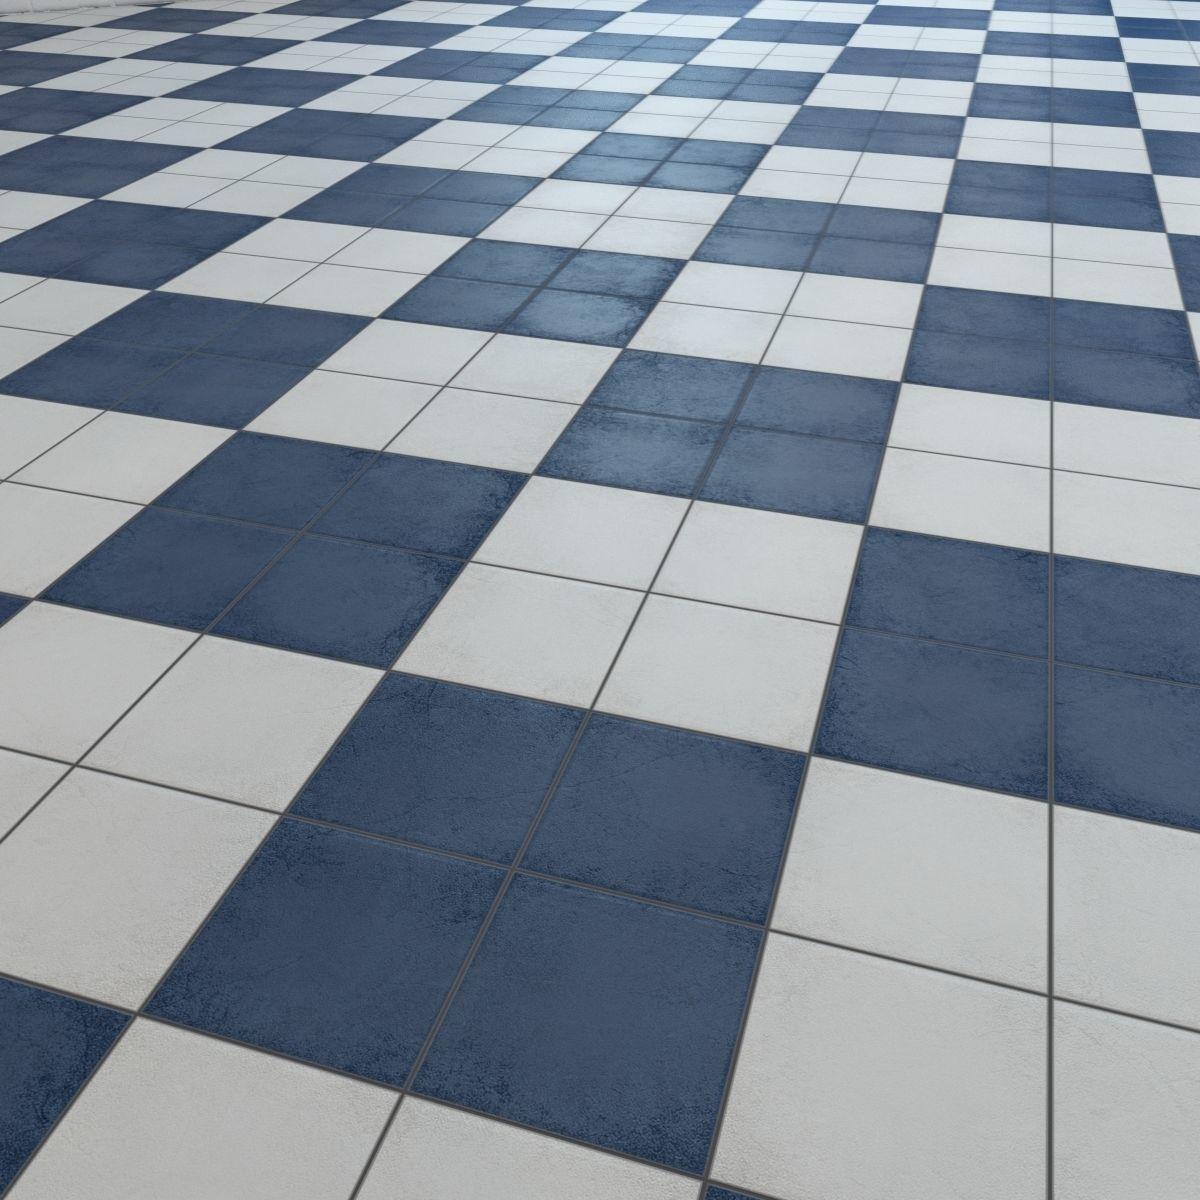 Floor tile Barber shop 3D Model MAX FBX   CGTrader.com on Tile Models  id=65713